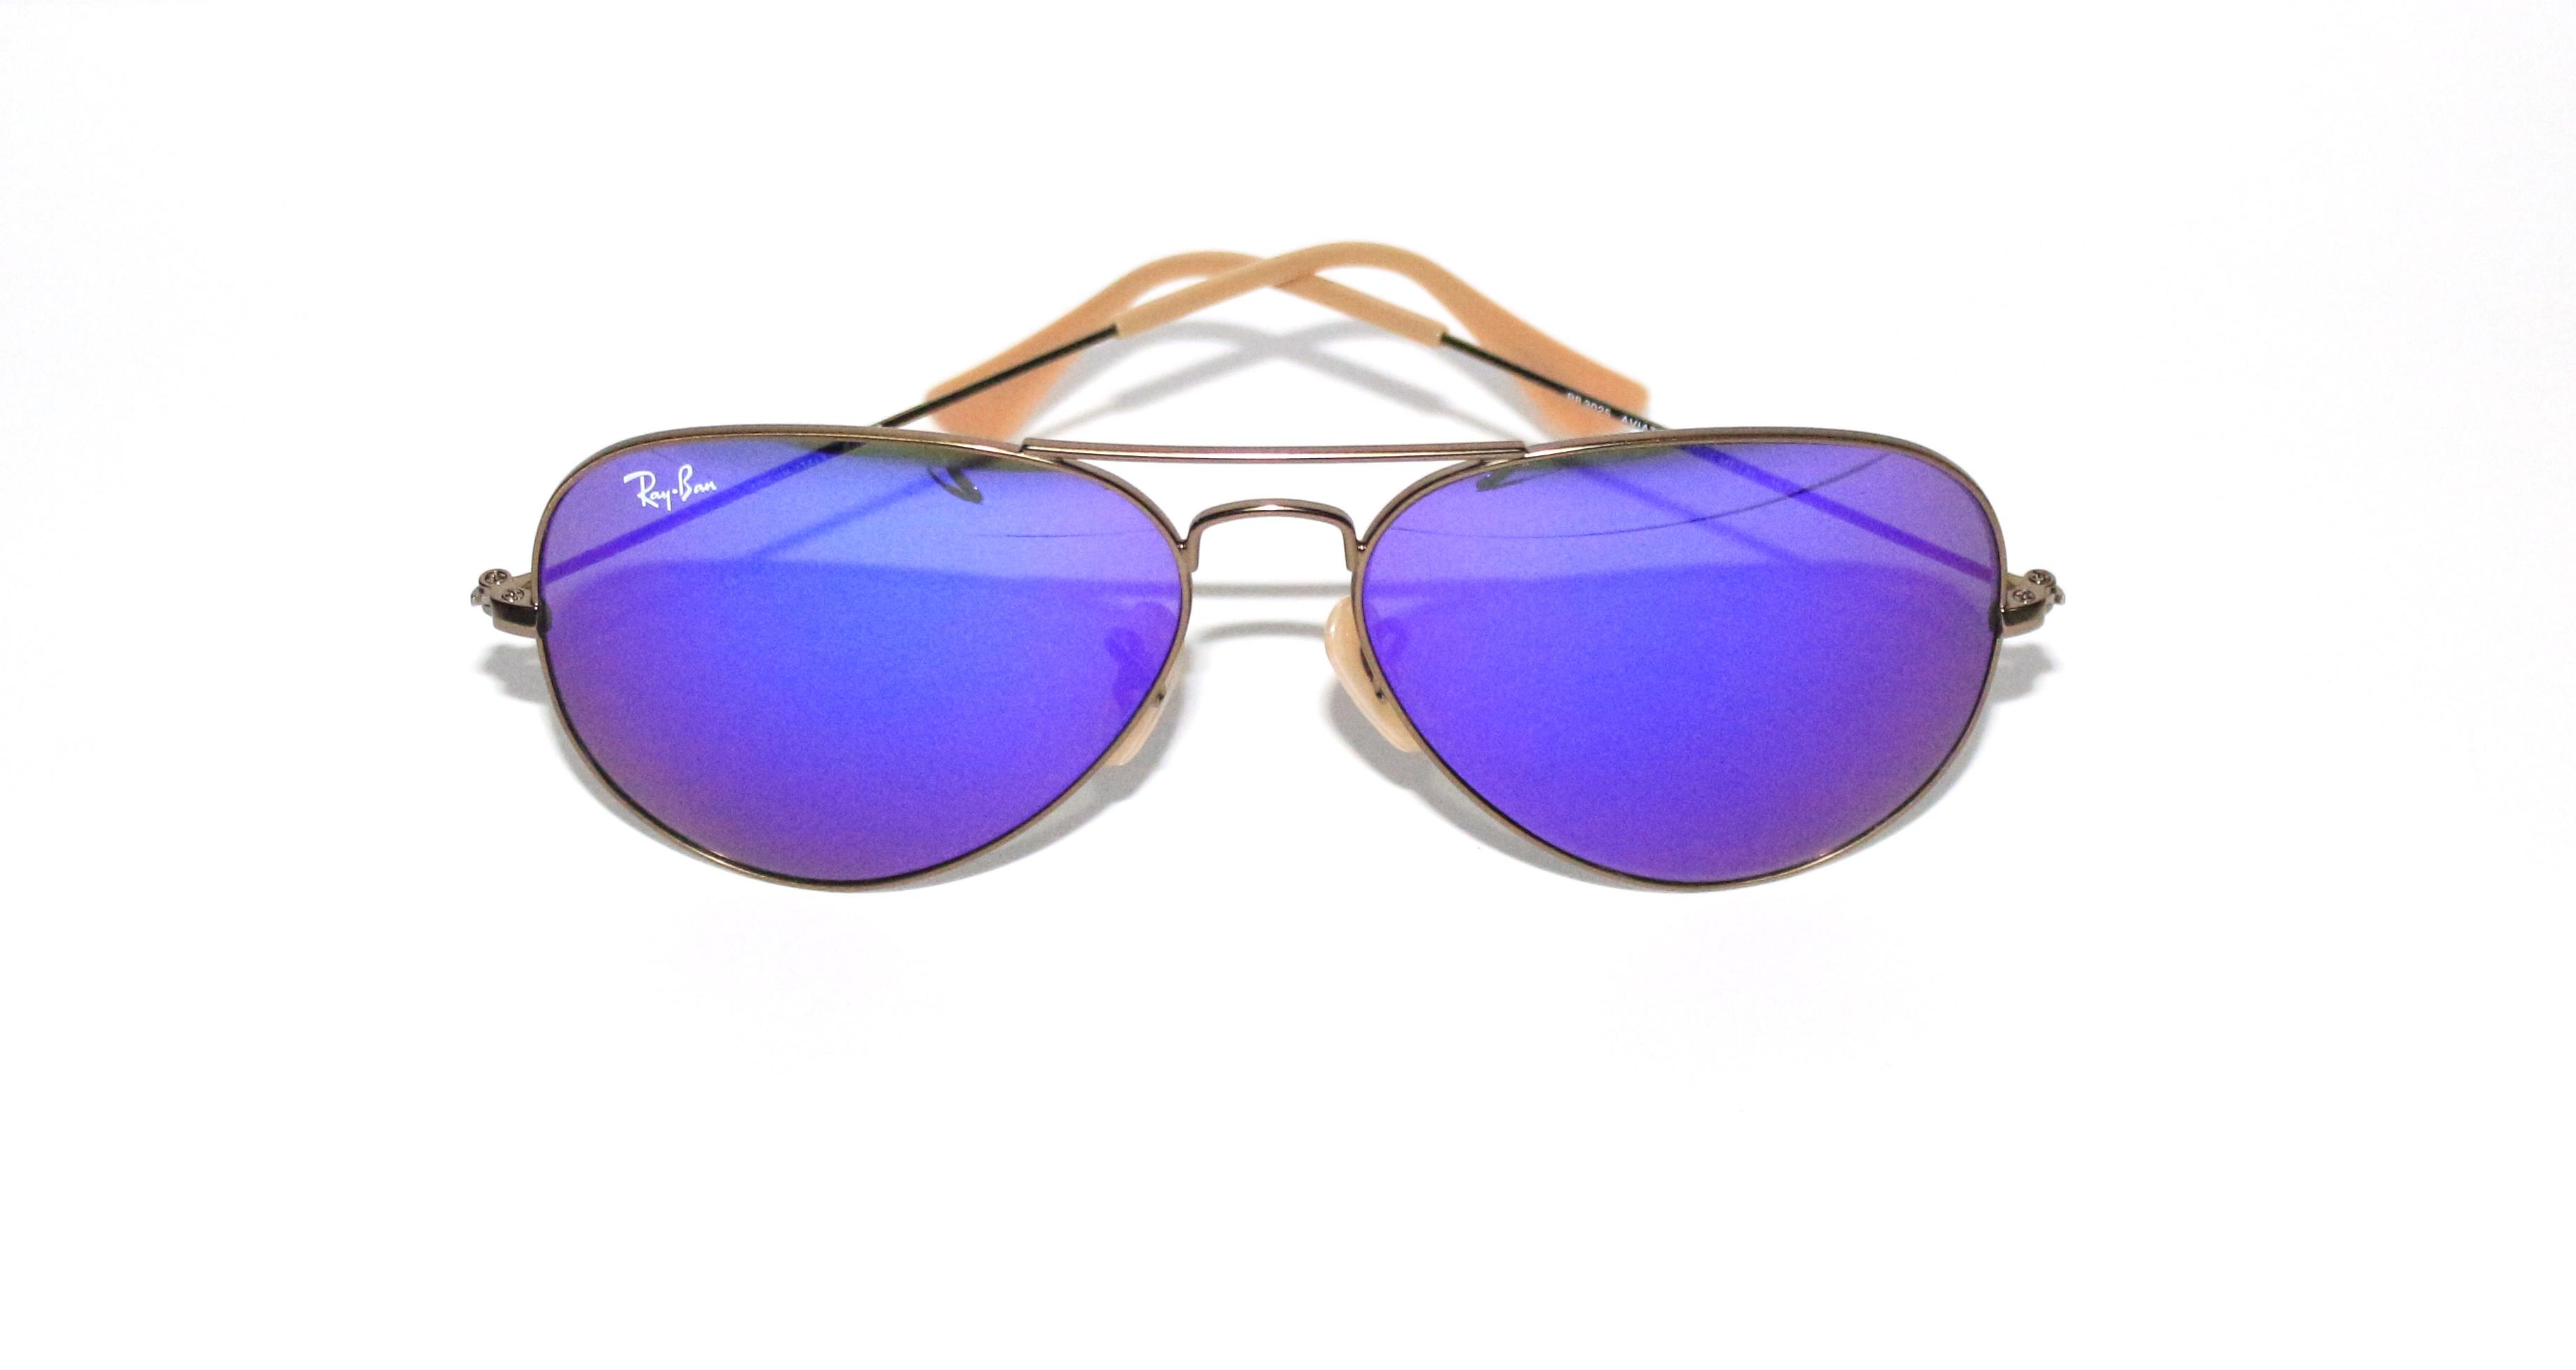 Заказать очки Рей Беноригинальные скидка 45 %!